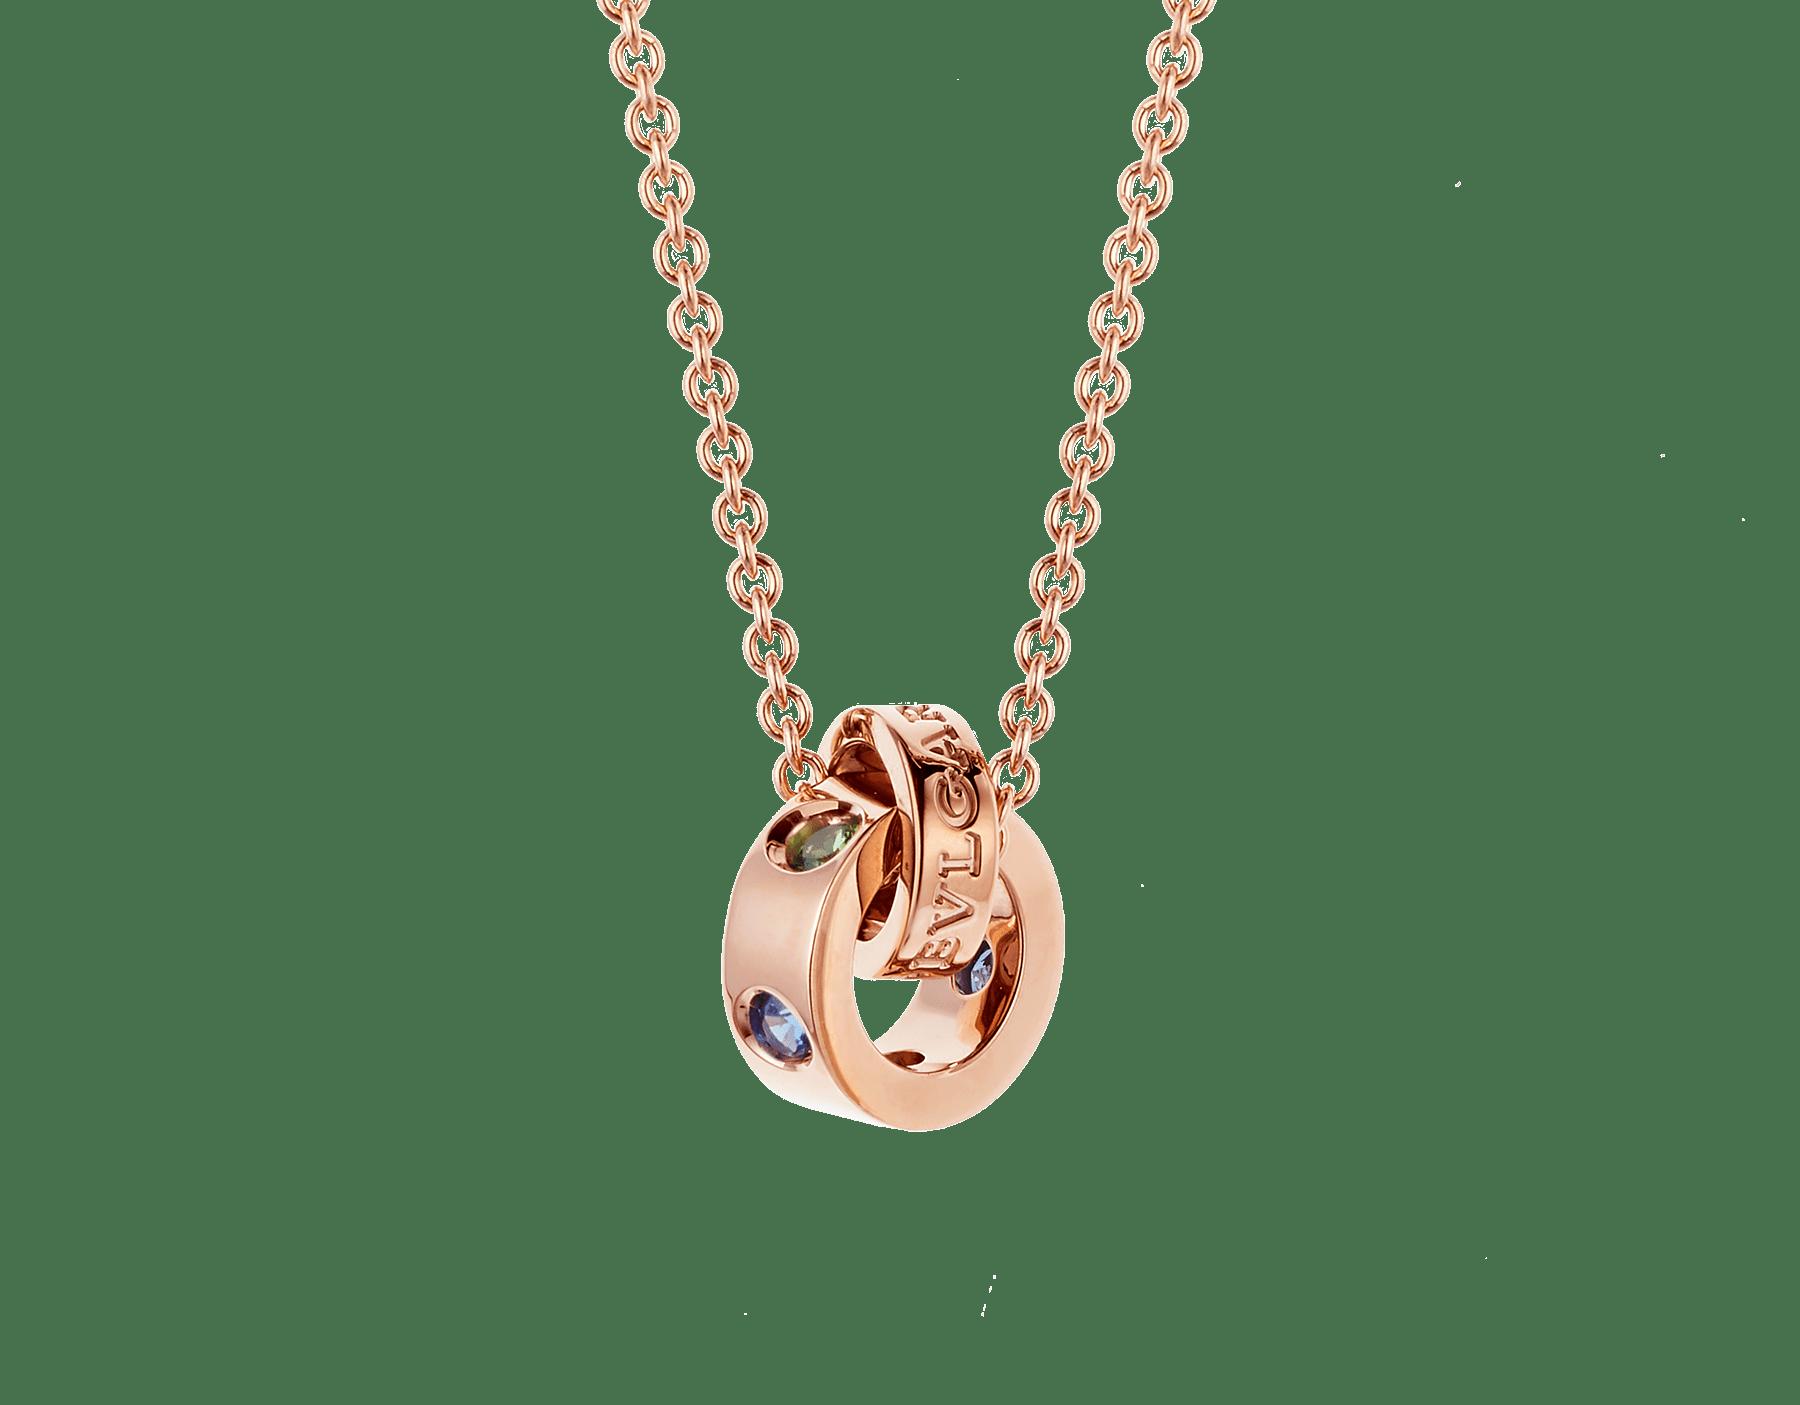 Colar BVLGARIBVLGARI com corrente em ouro rosa 18K e pingente em ouro rosa 18K cravejado com safiras azuis e tsavoritas 352619 image 1